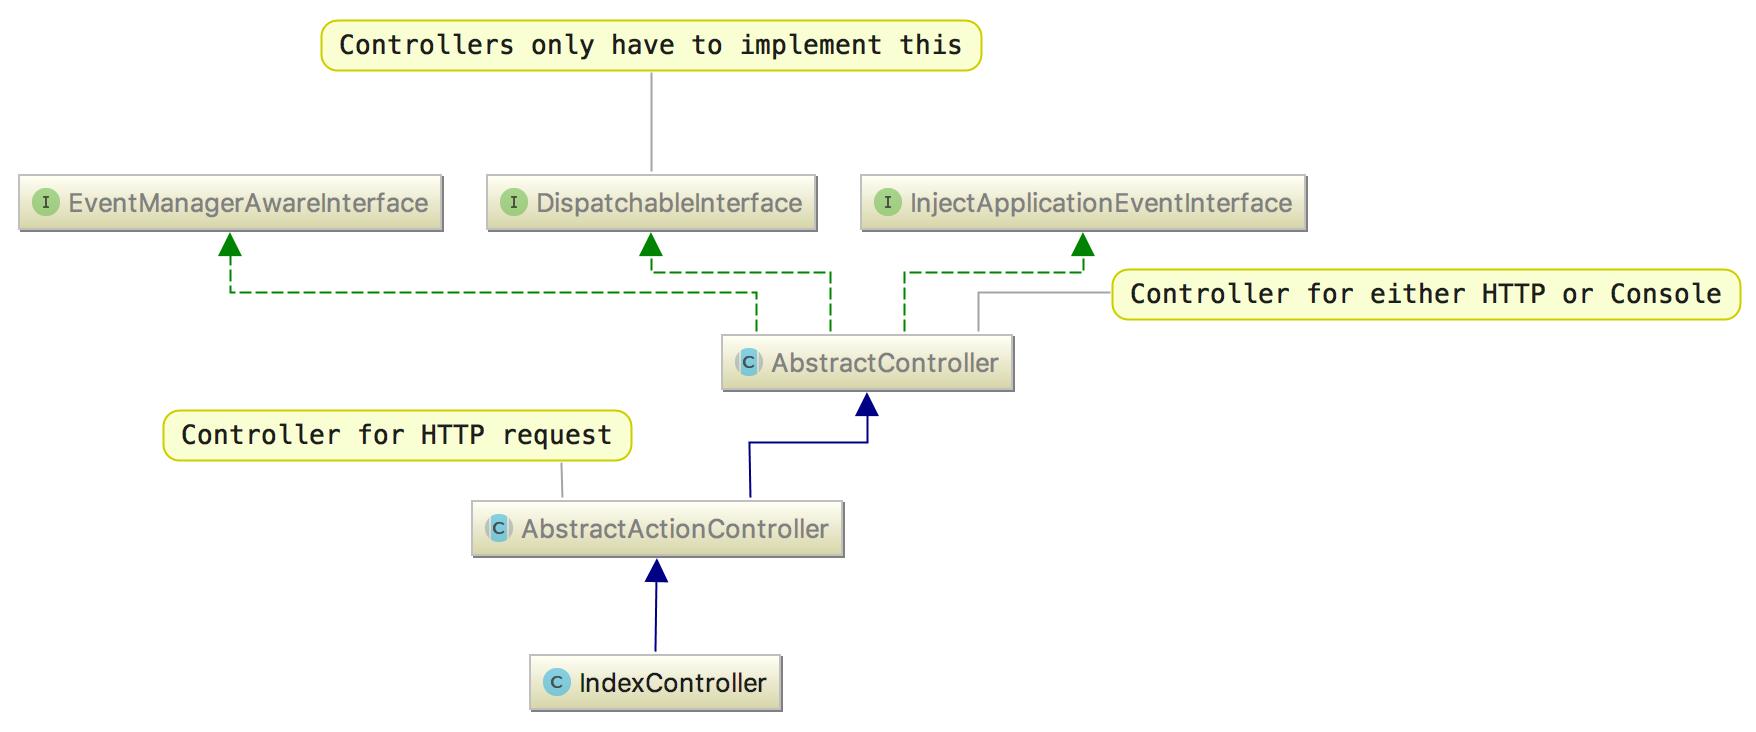 UML-diagram